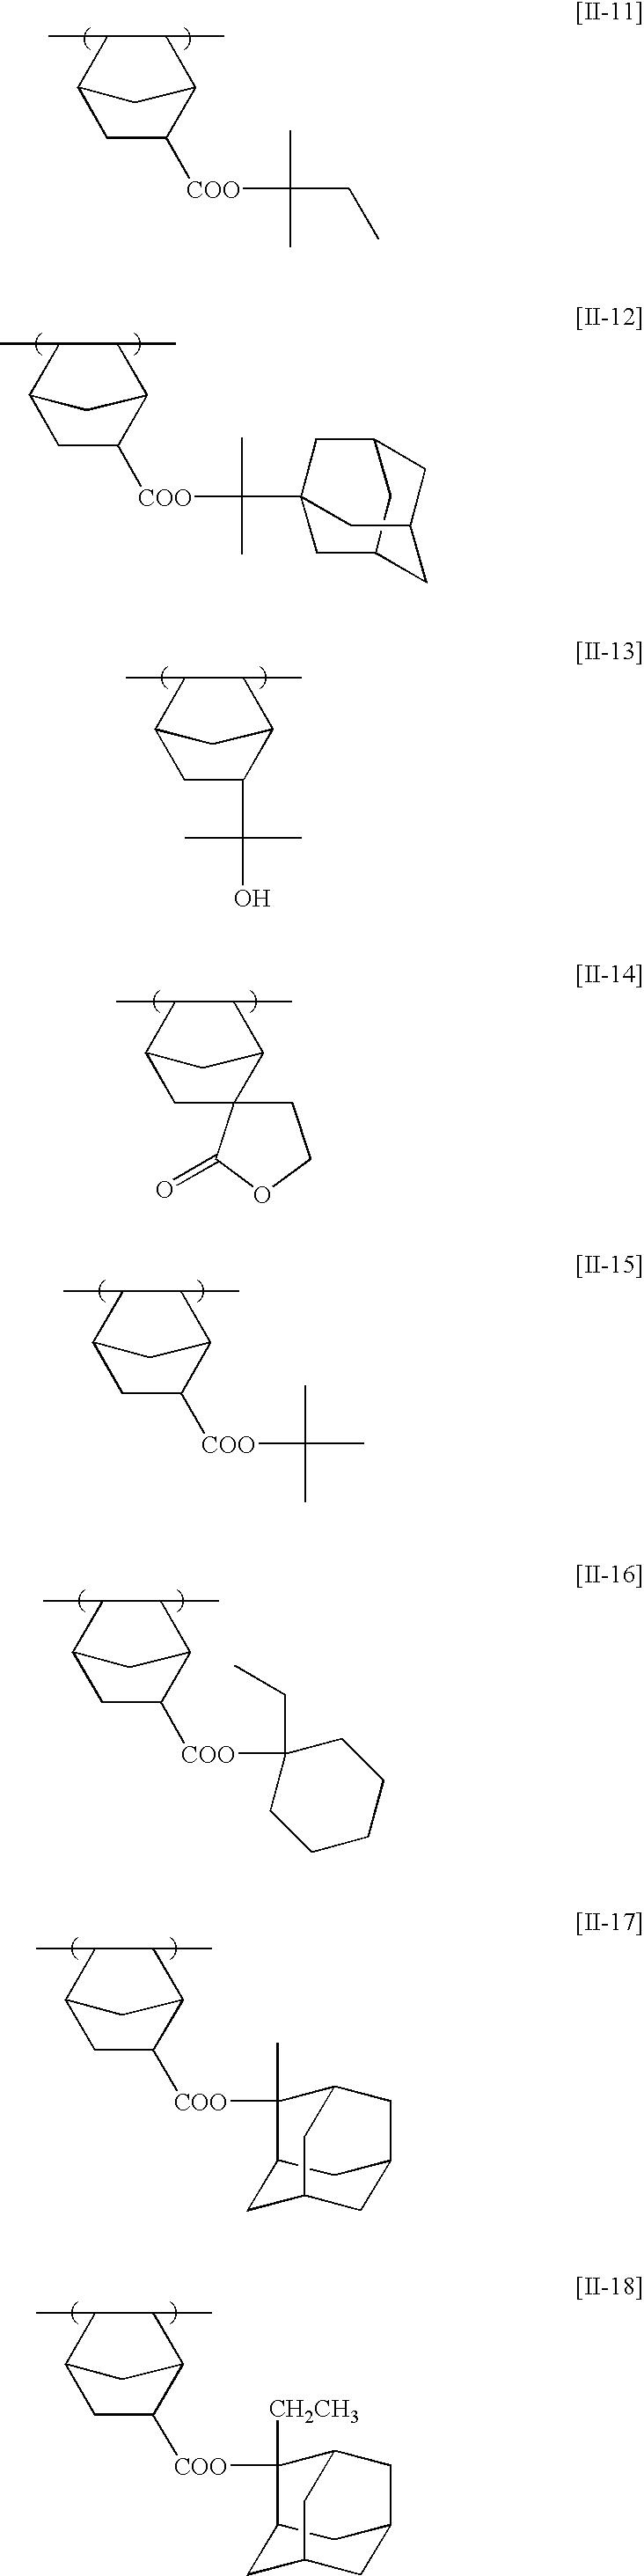 Figure US07960087-20110614-C00019